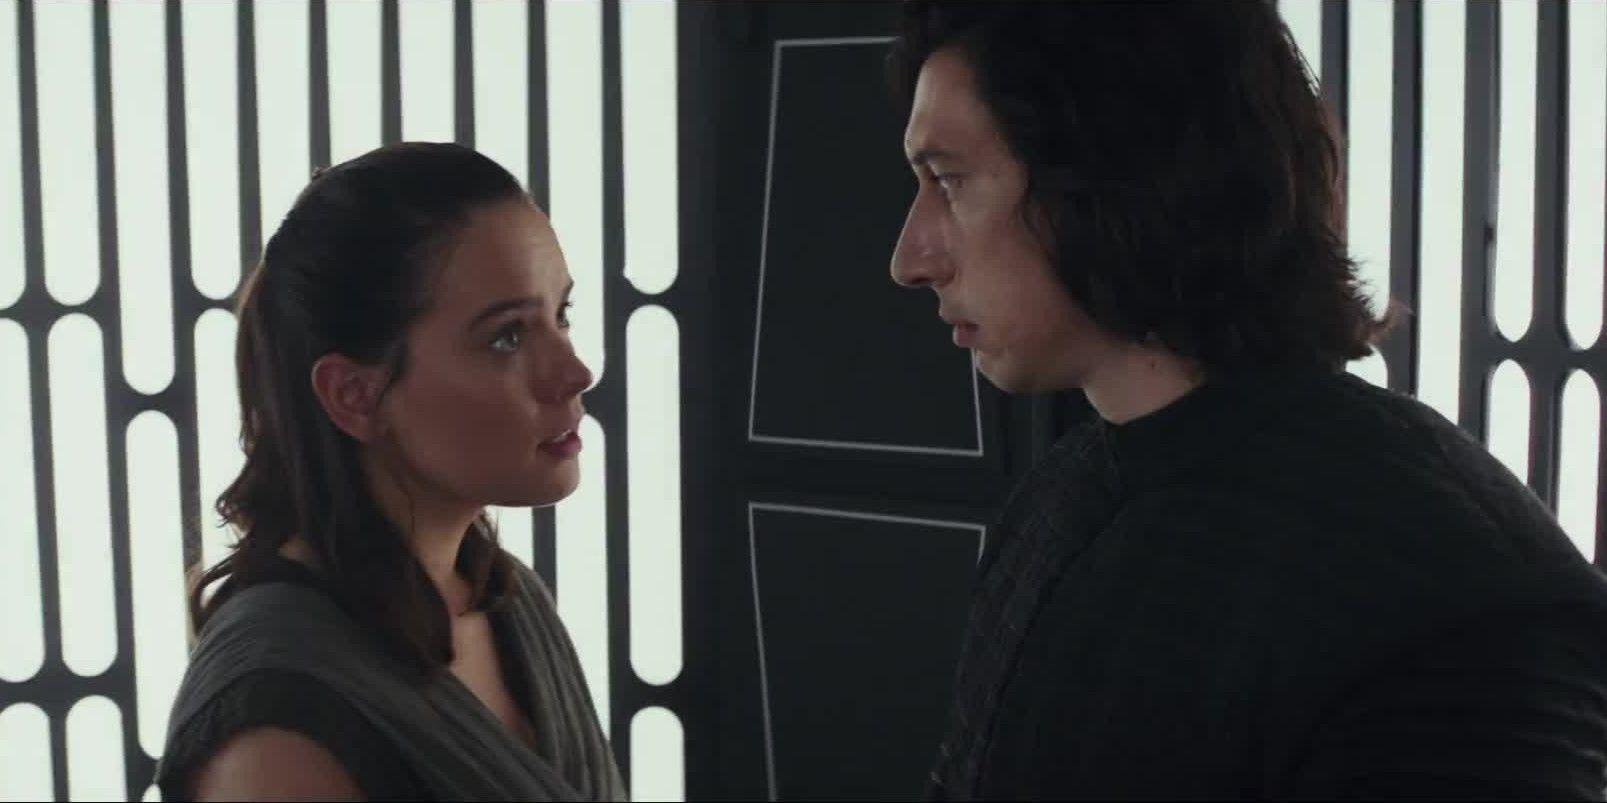 Kylo Ren Serenades Rey In A Star Is Born Star Wars Parody Video